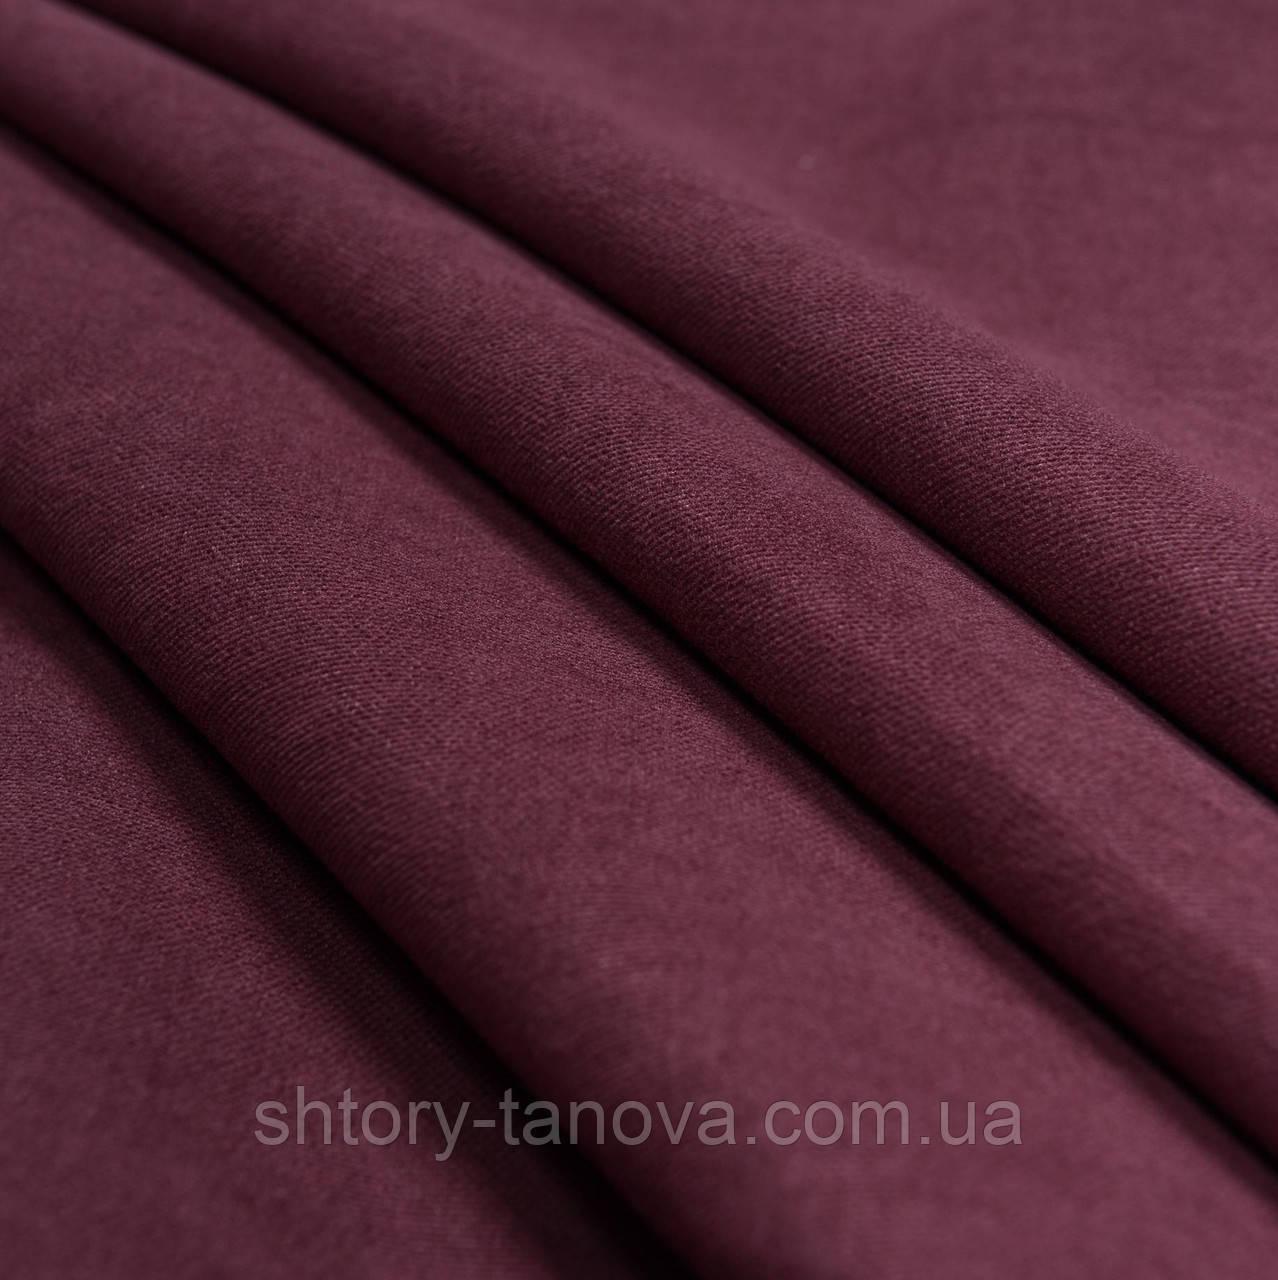 Ткань для штор нубук сливовый